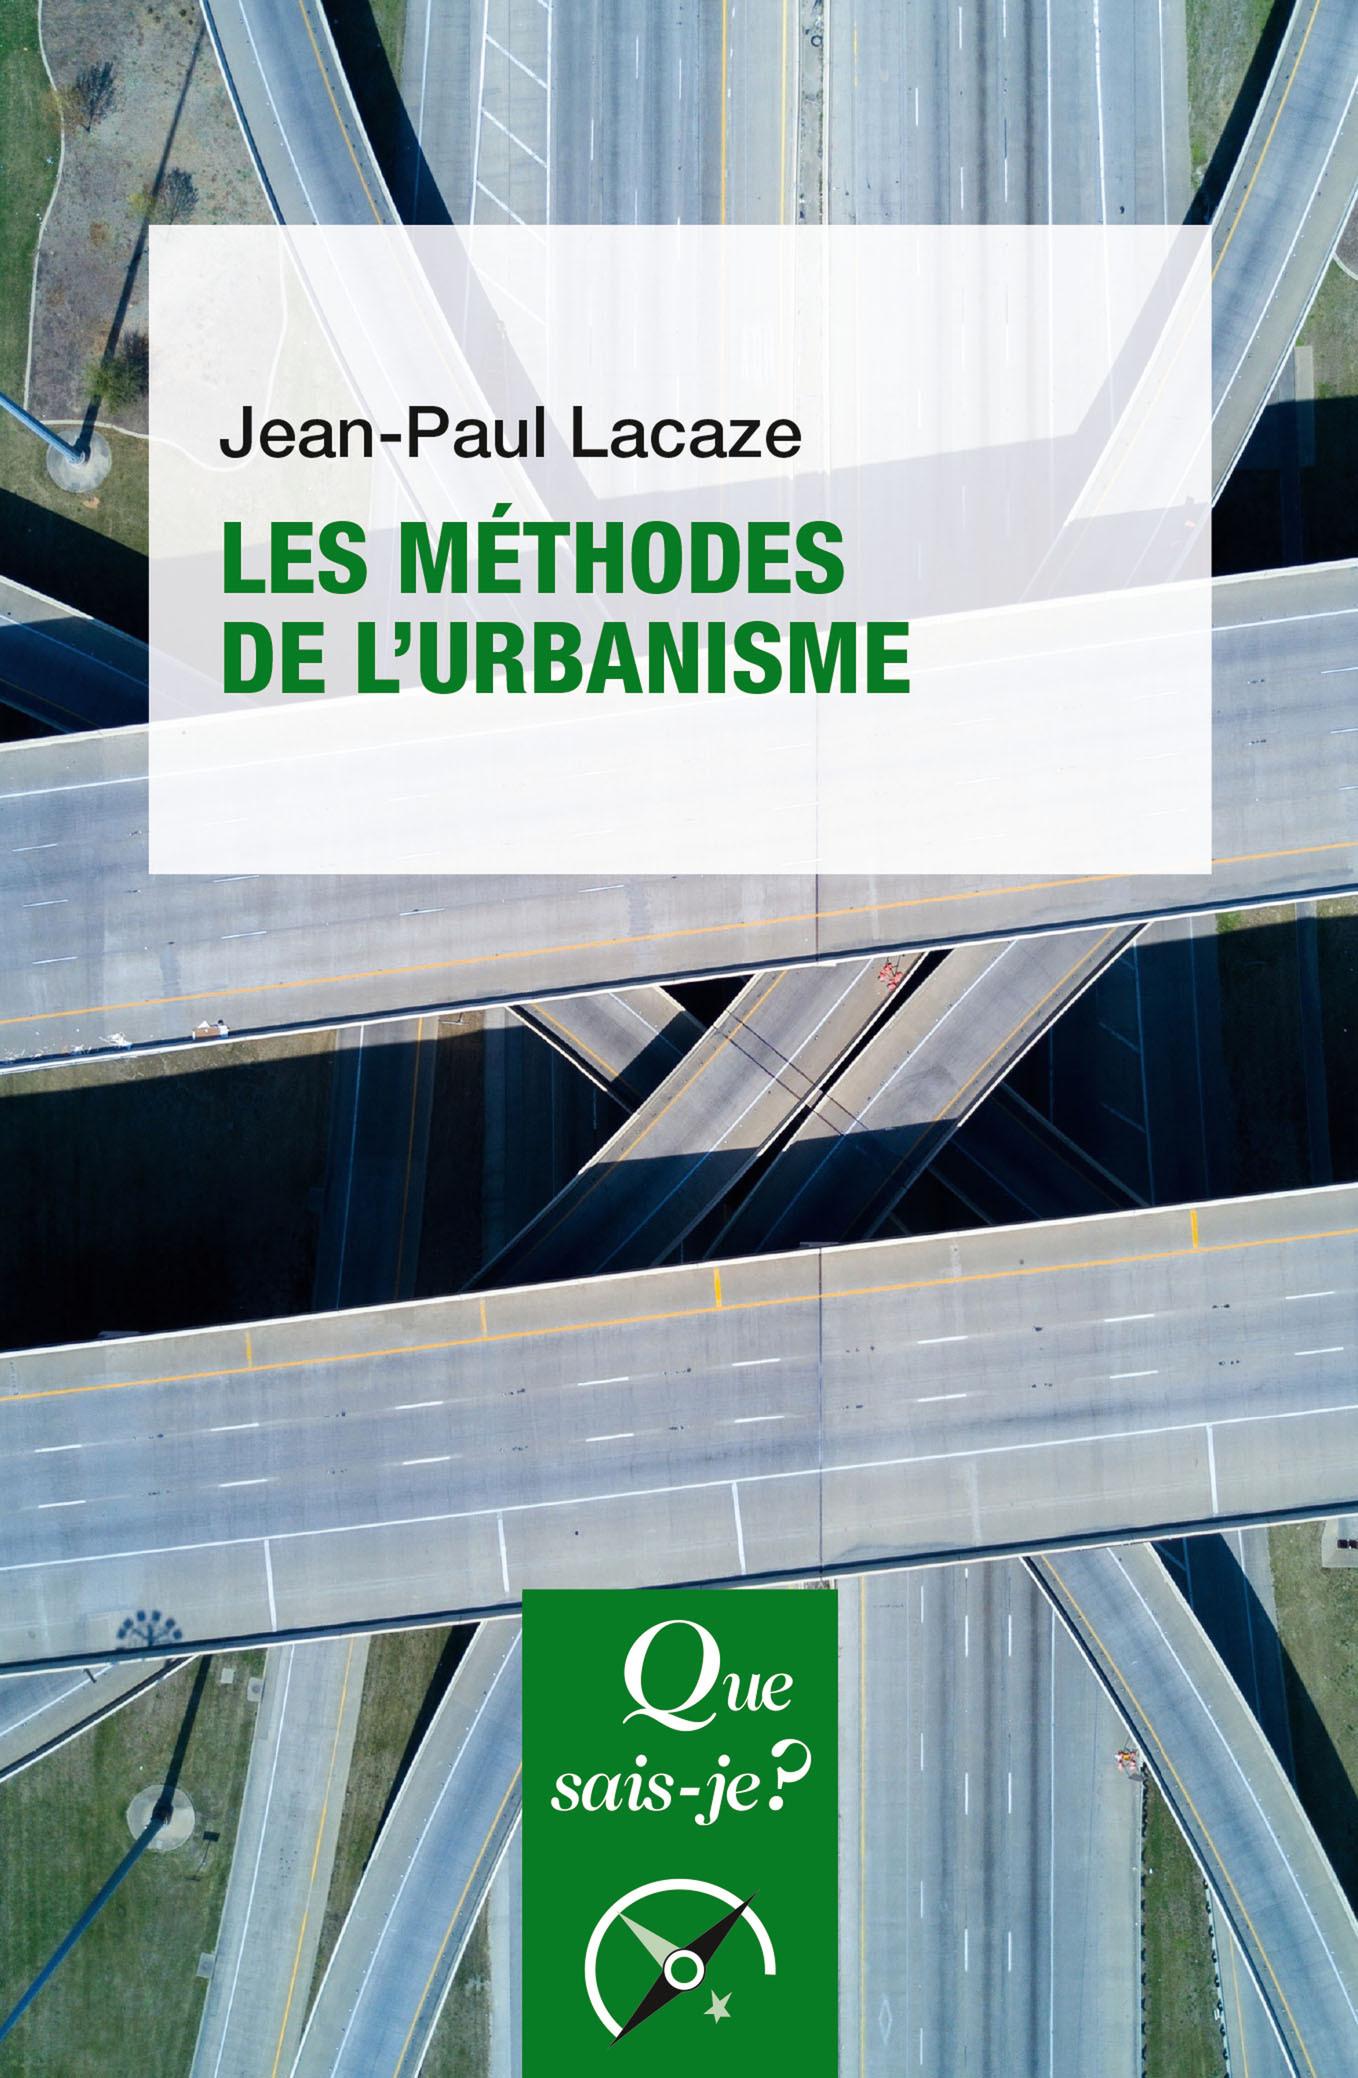 LES METHODES DE L'URBANISME